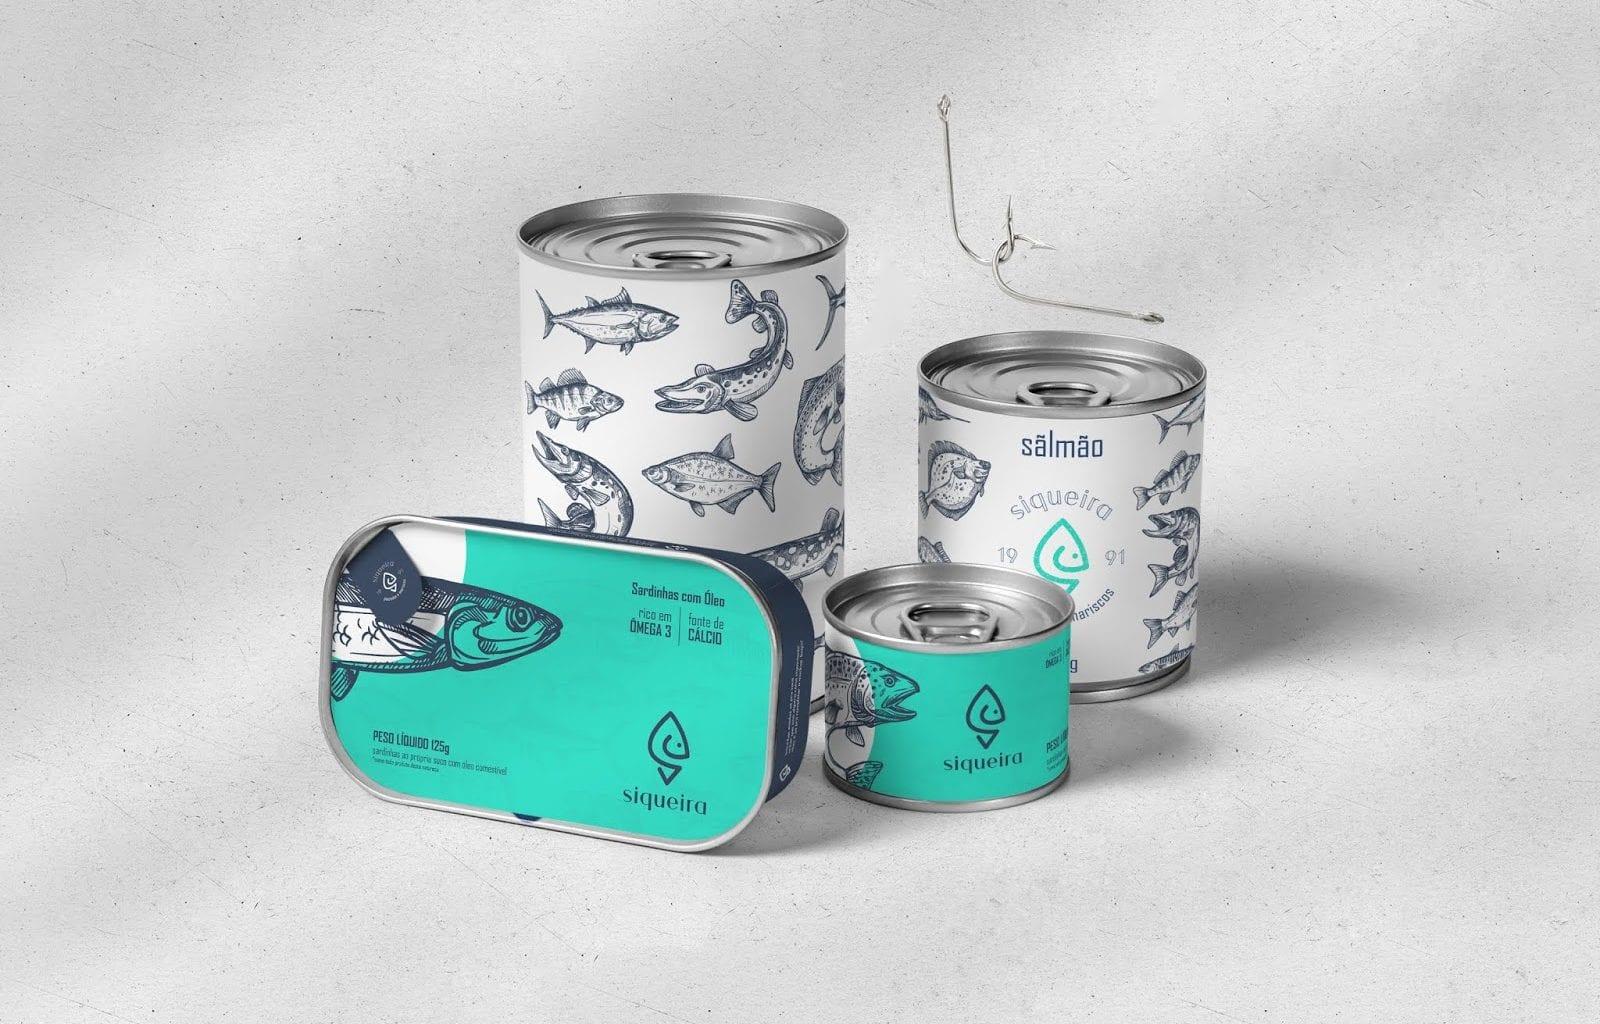 siqueira 01 1600x1024 - Povedený koncept obalů rybích produktů Siqueira